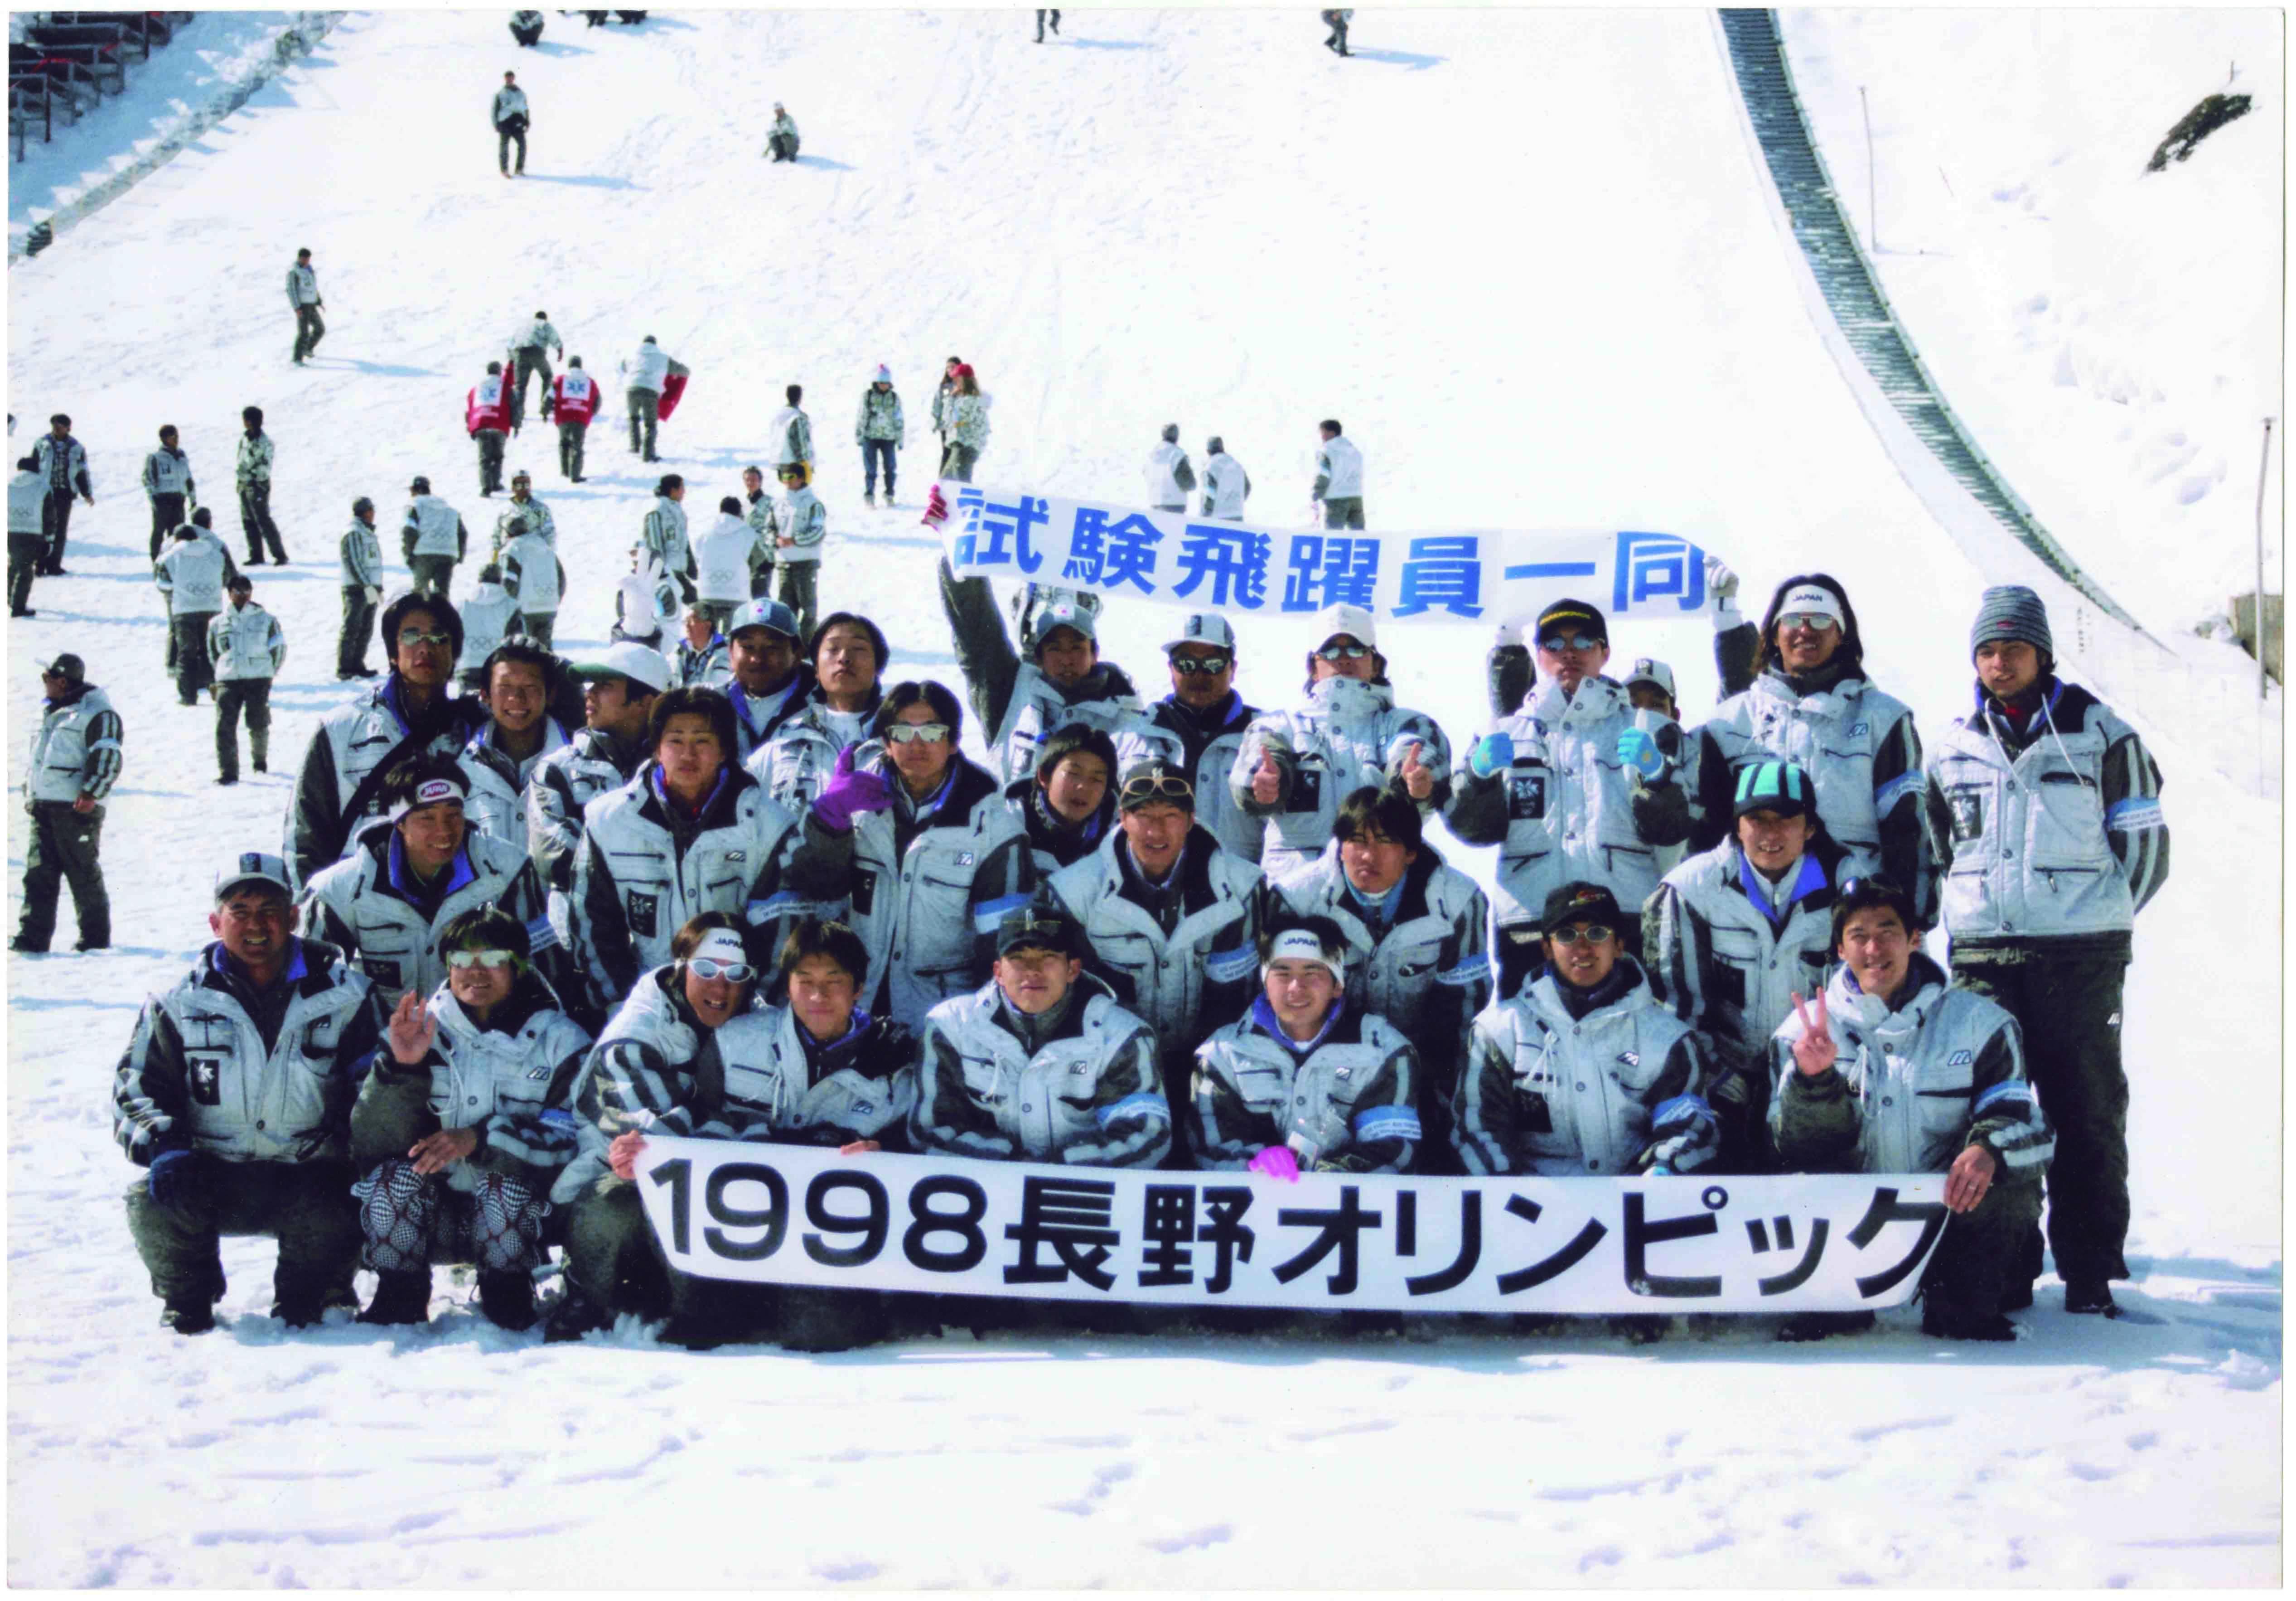 1998年長野五輪・テストジャンパー集合写真